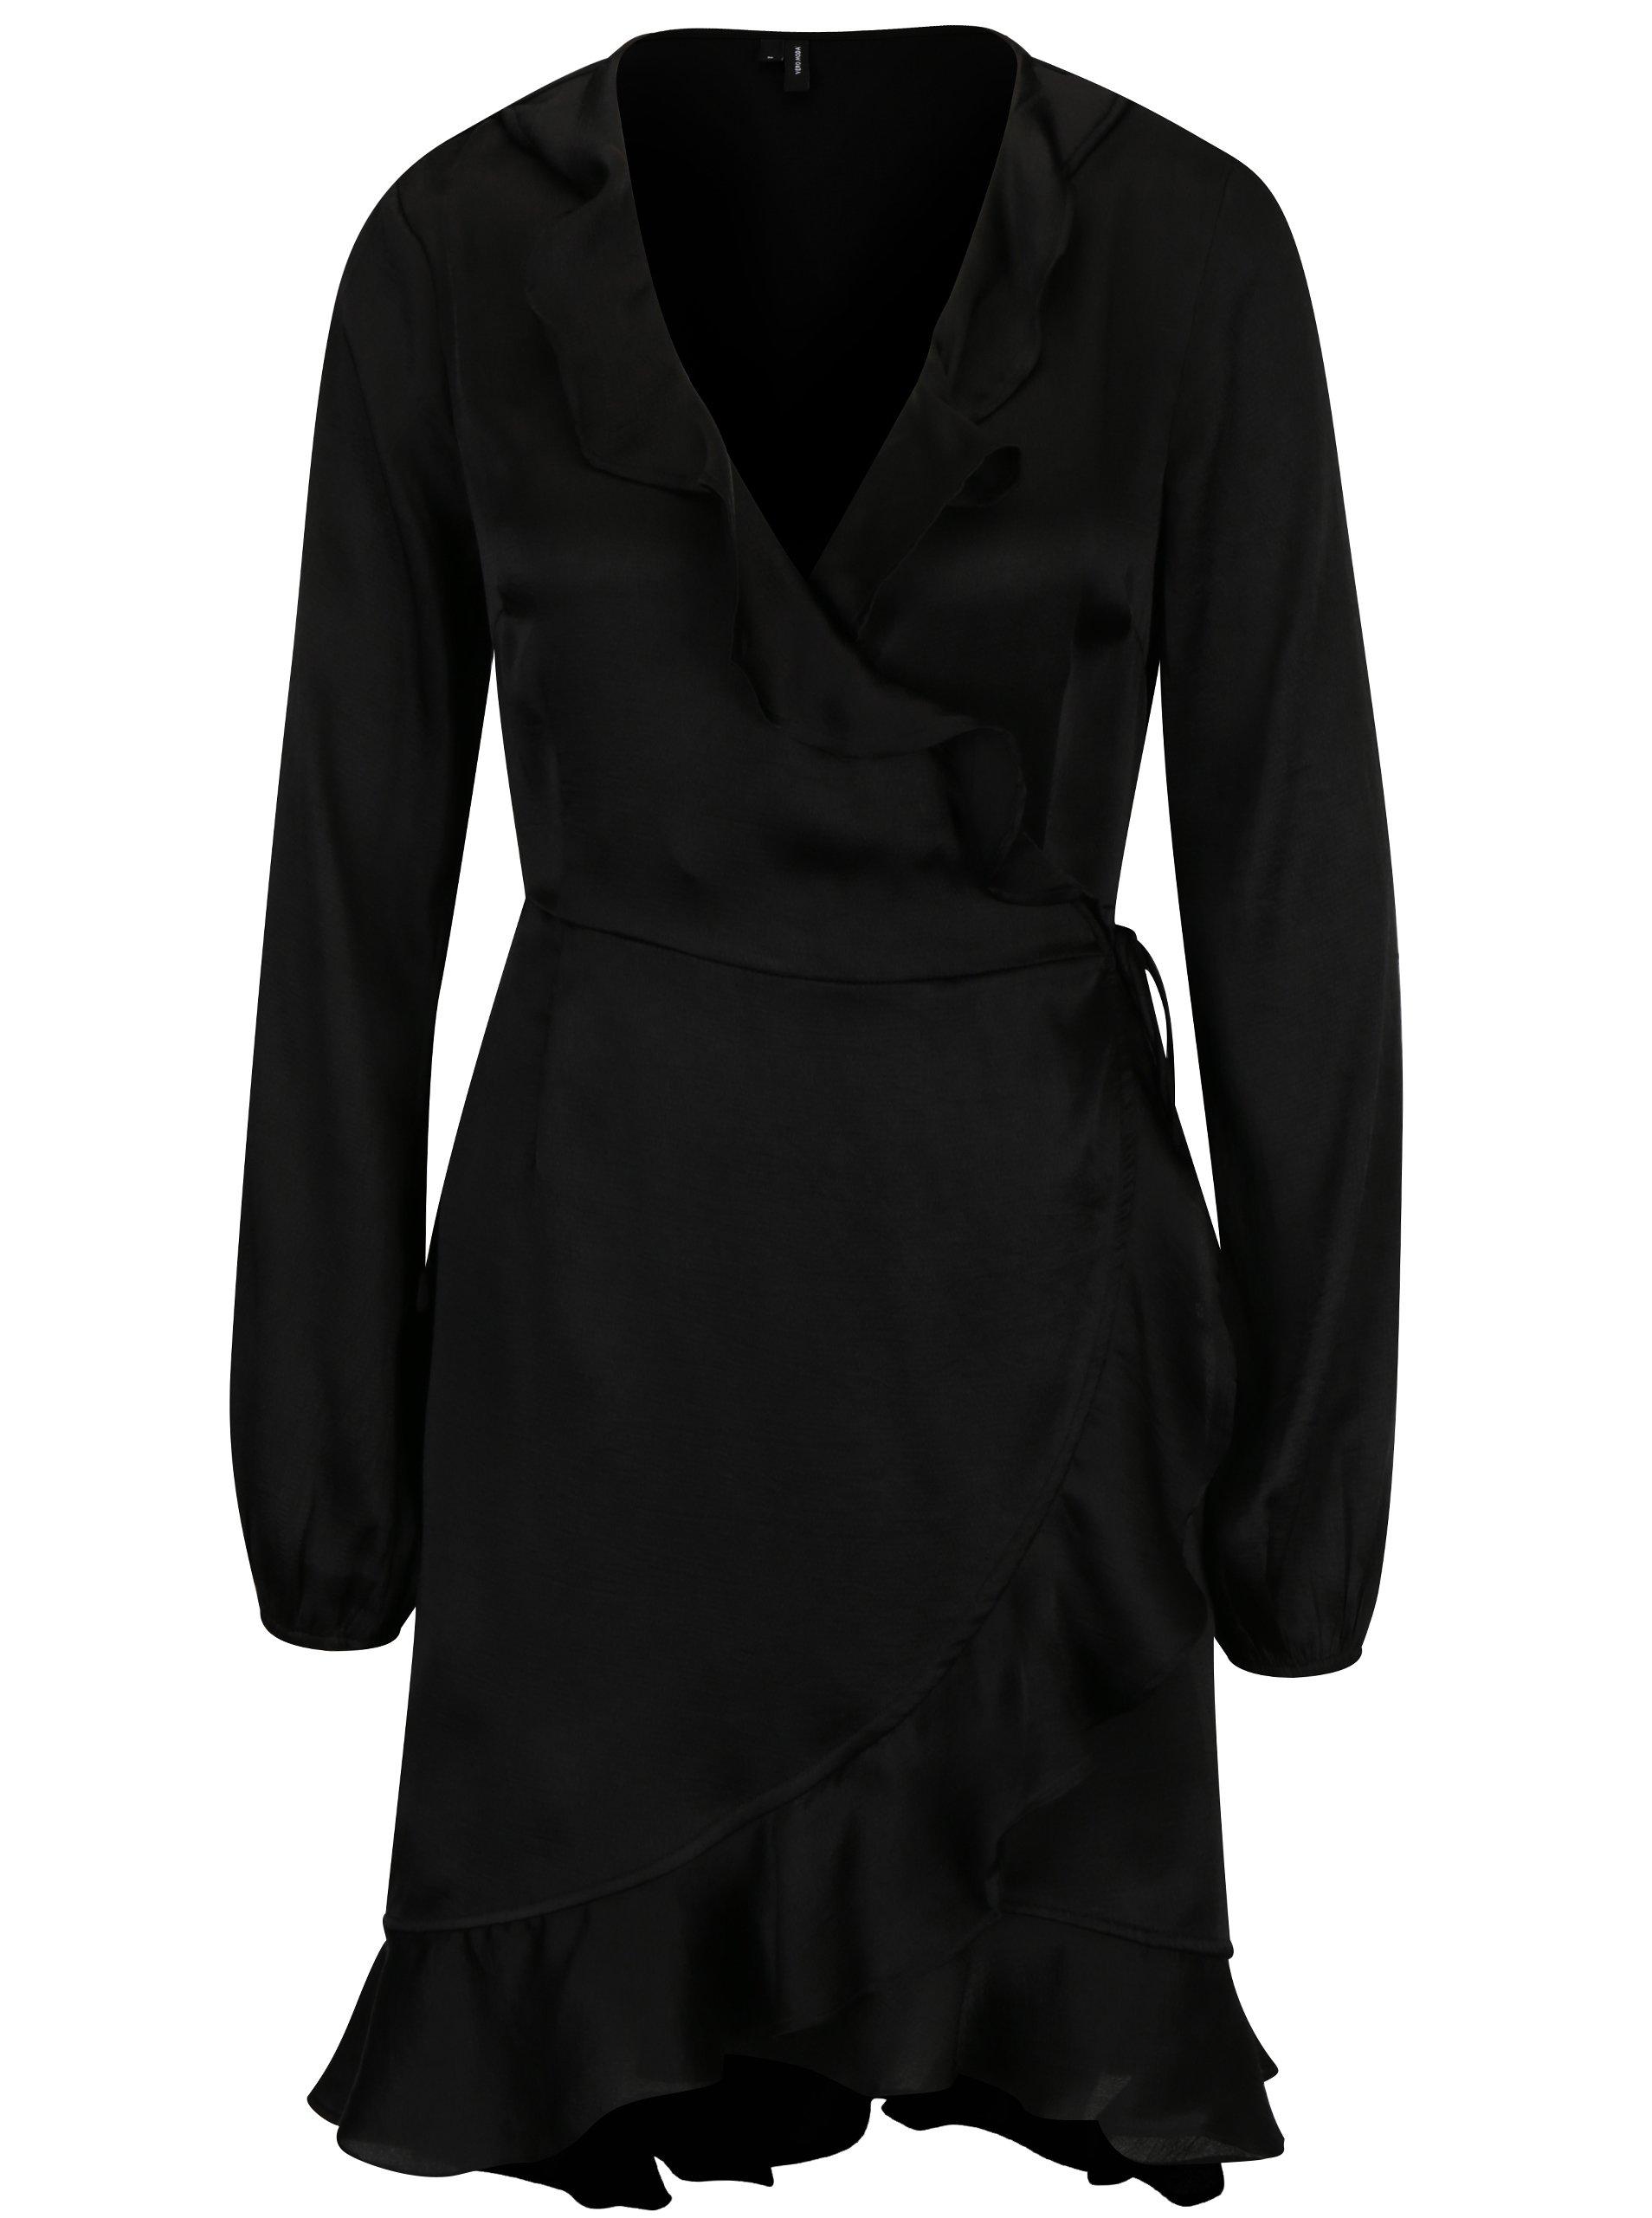 7f348fcc4776 Čierne zavinovacie šaty s volánmi VERO MODA Henna